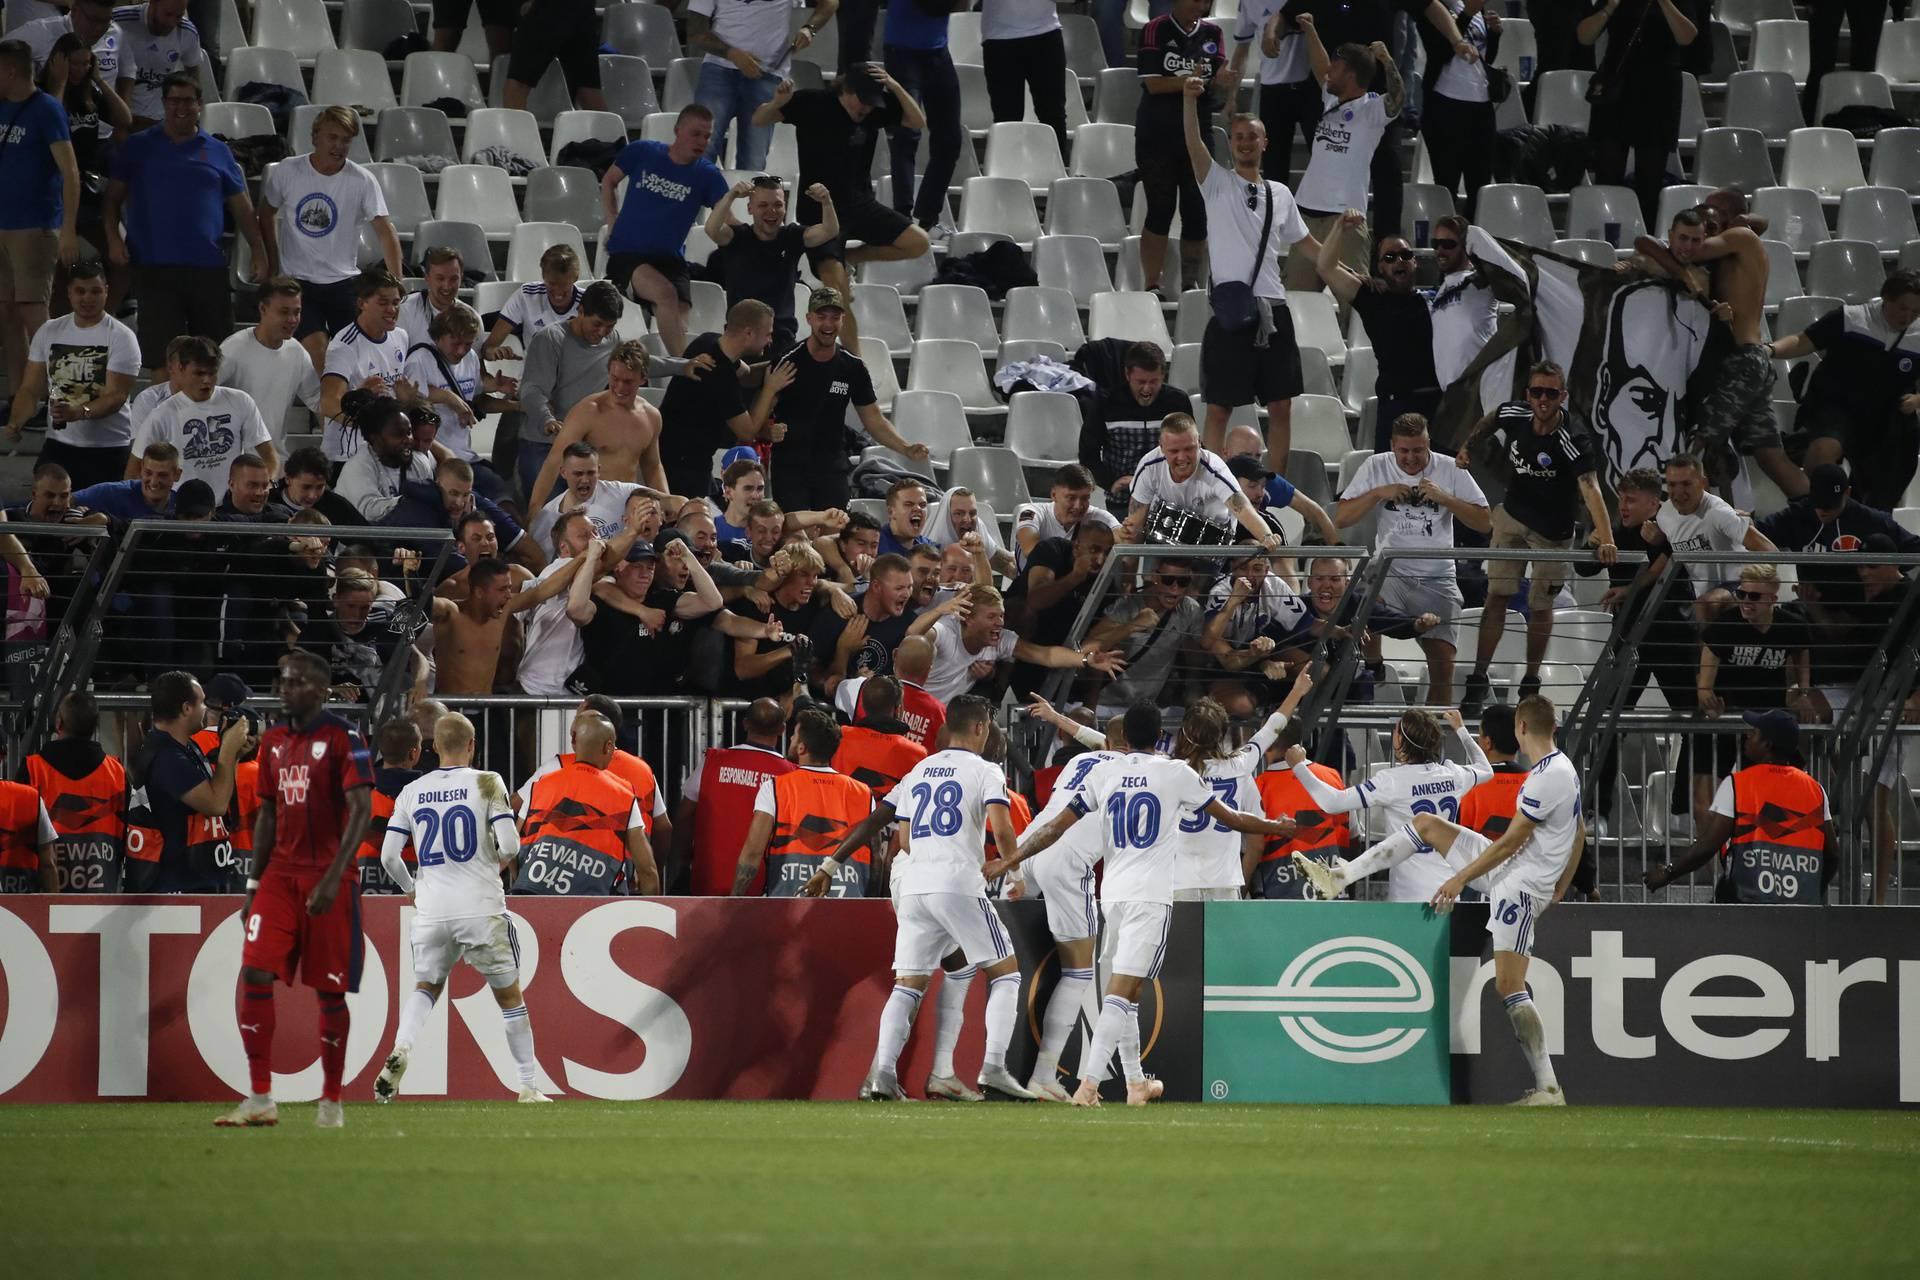 Rijeku čeka momčad koju je u 1/4 finalu jedva izbacio United, u Kopenhagenu su i dva Hrvata